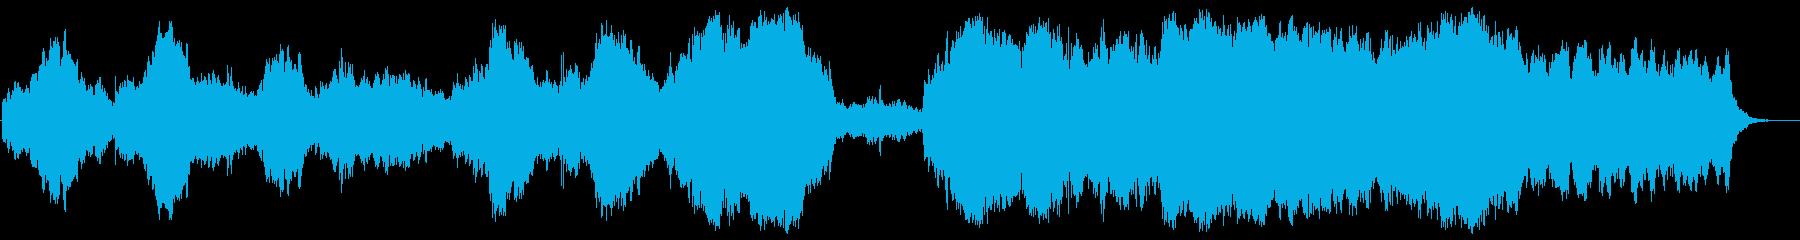 ワーグナー風の壮大なオーケストラの再生済みの波形